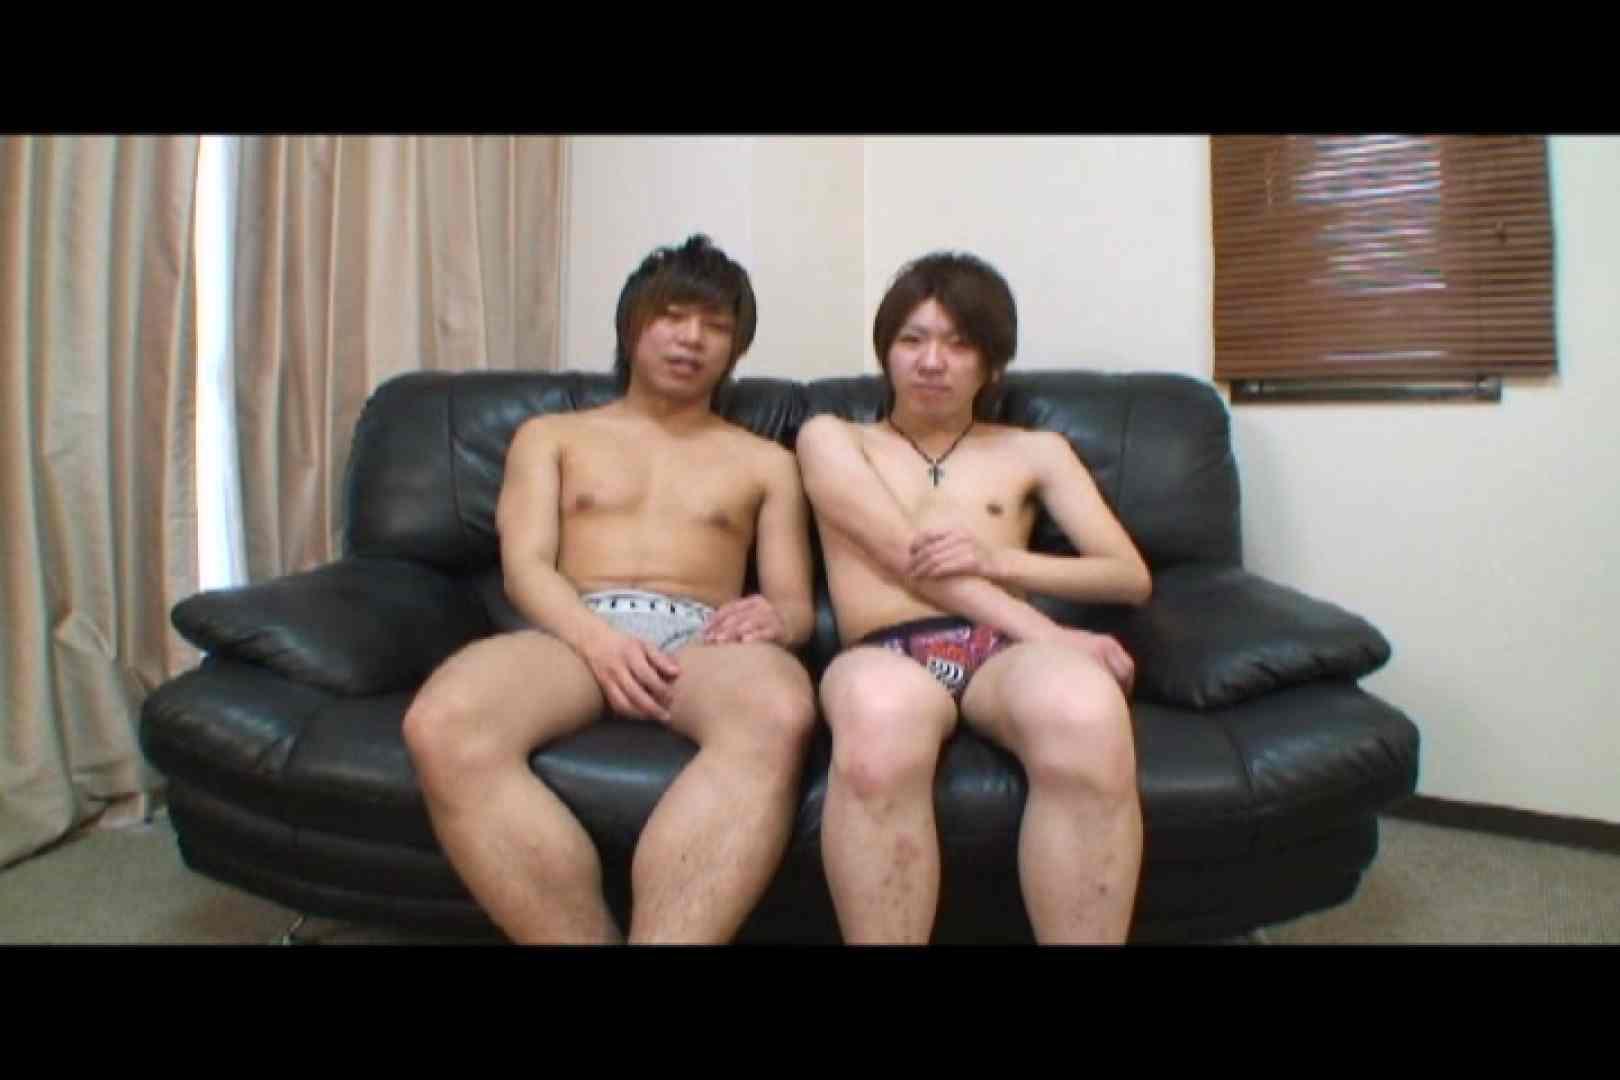 コンビネーションBoys!vol.01 入浴・シャワー丸見え ゲイAV画像 55pic 42